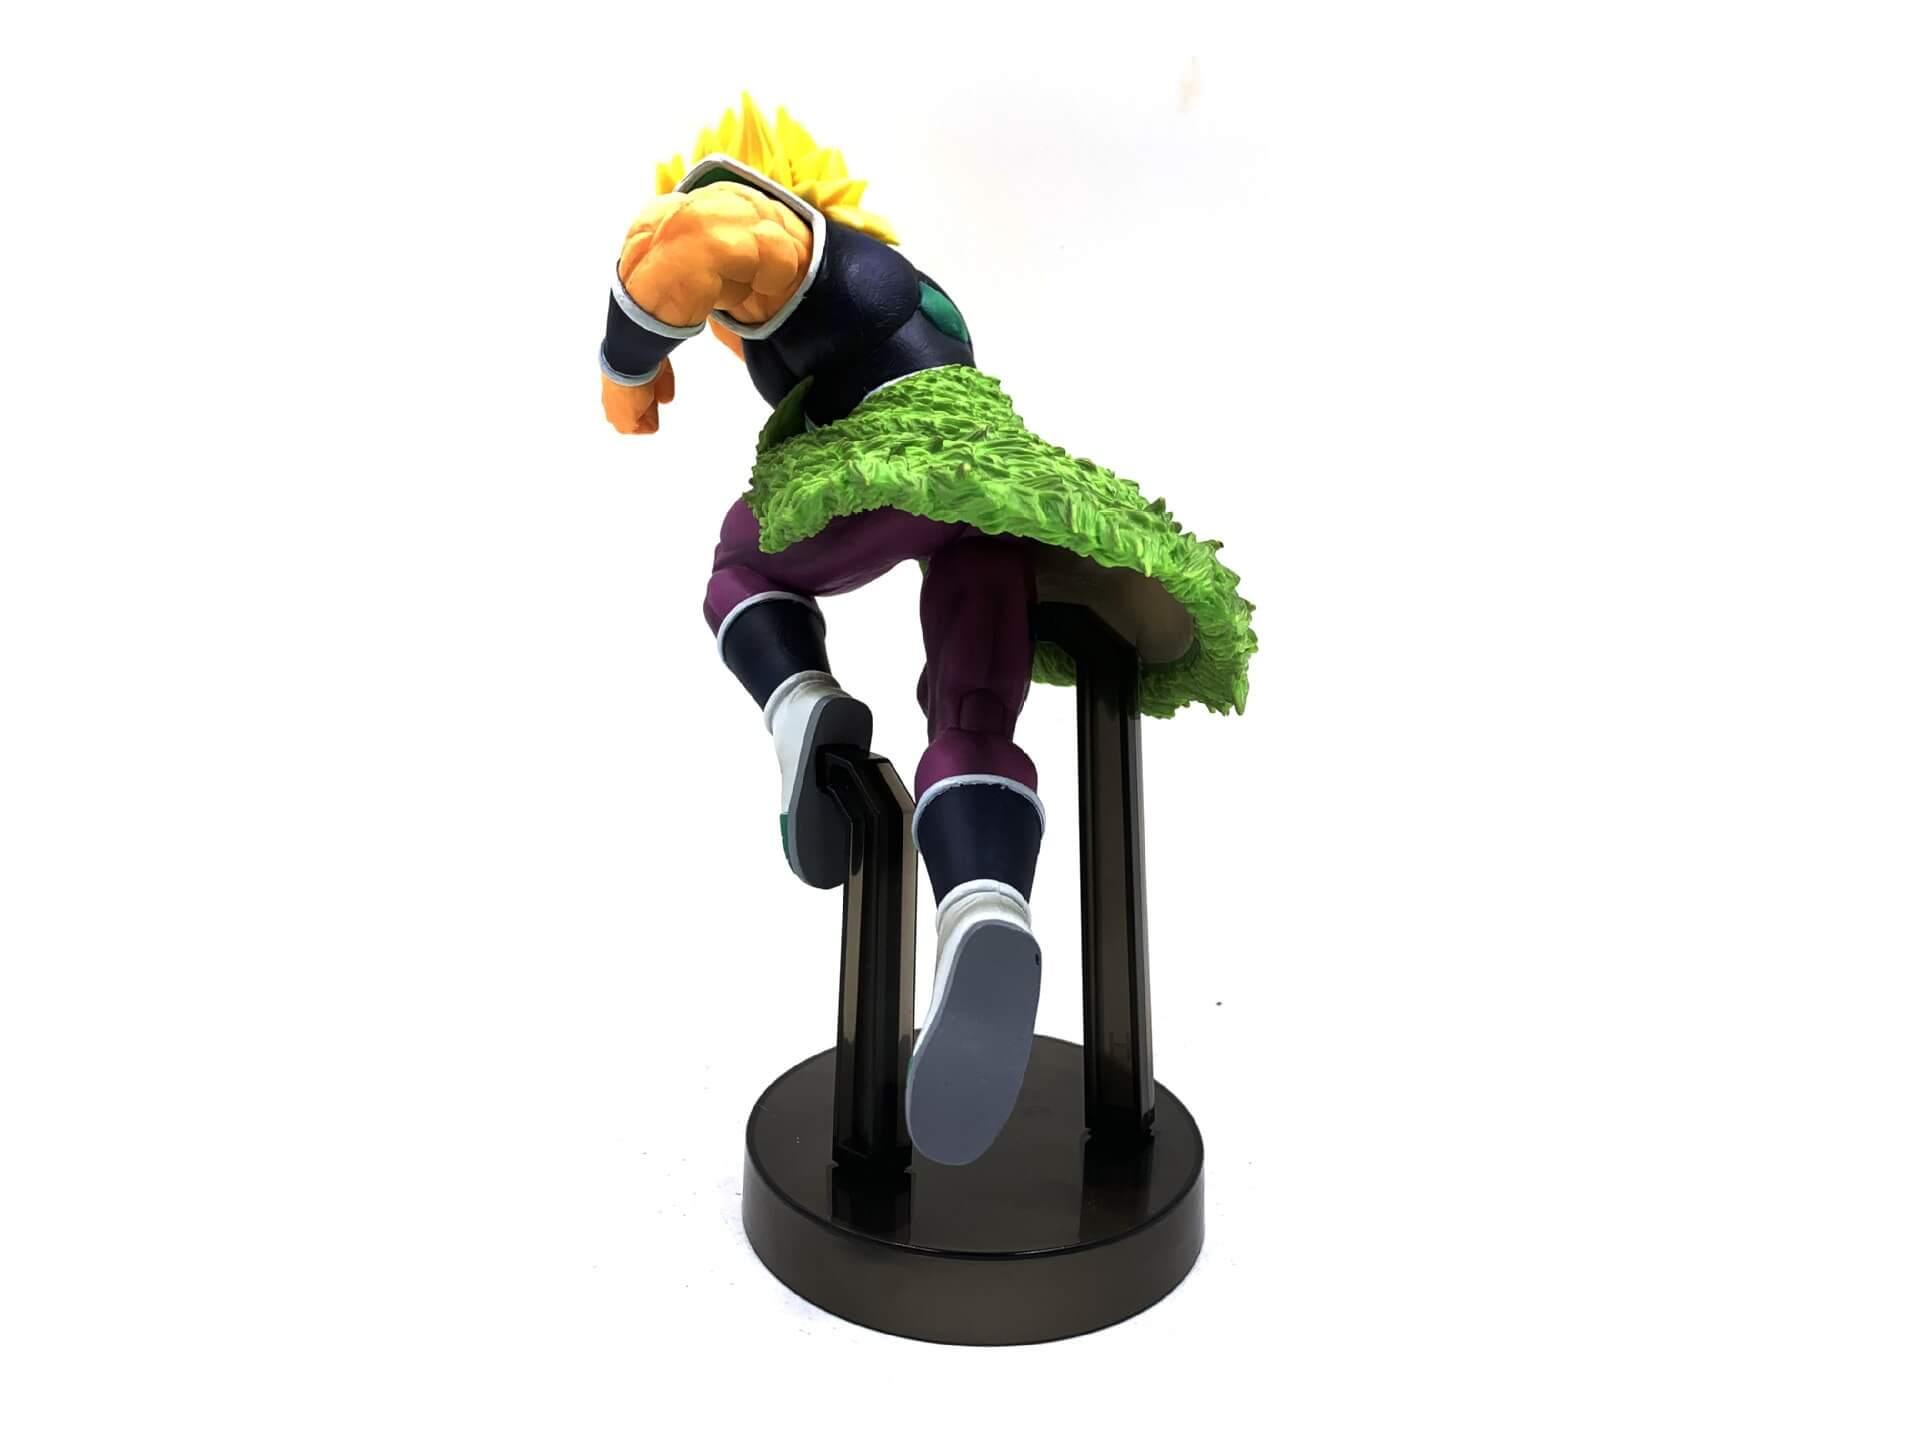 Broli Super Saiyan Figure 24cm